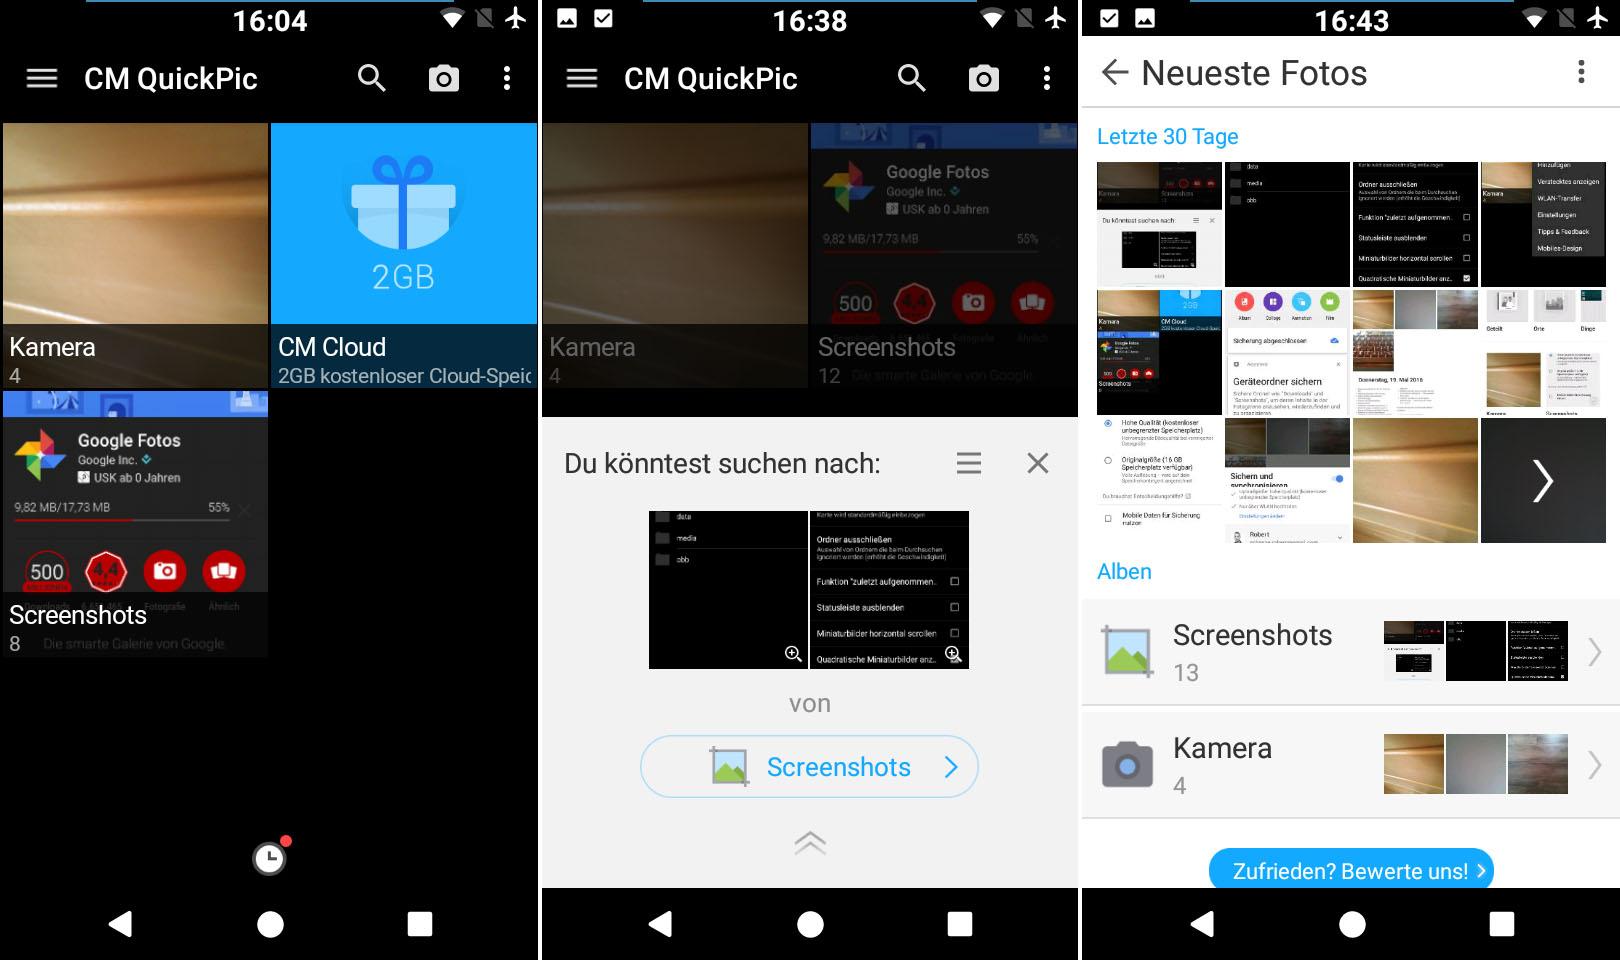 Die 3 Besten Galerie Apps Fur Android Die Wir Finden Konnten